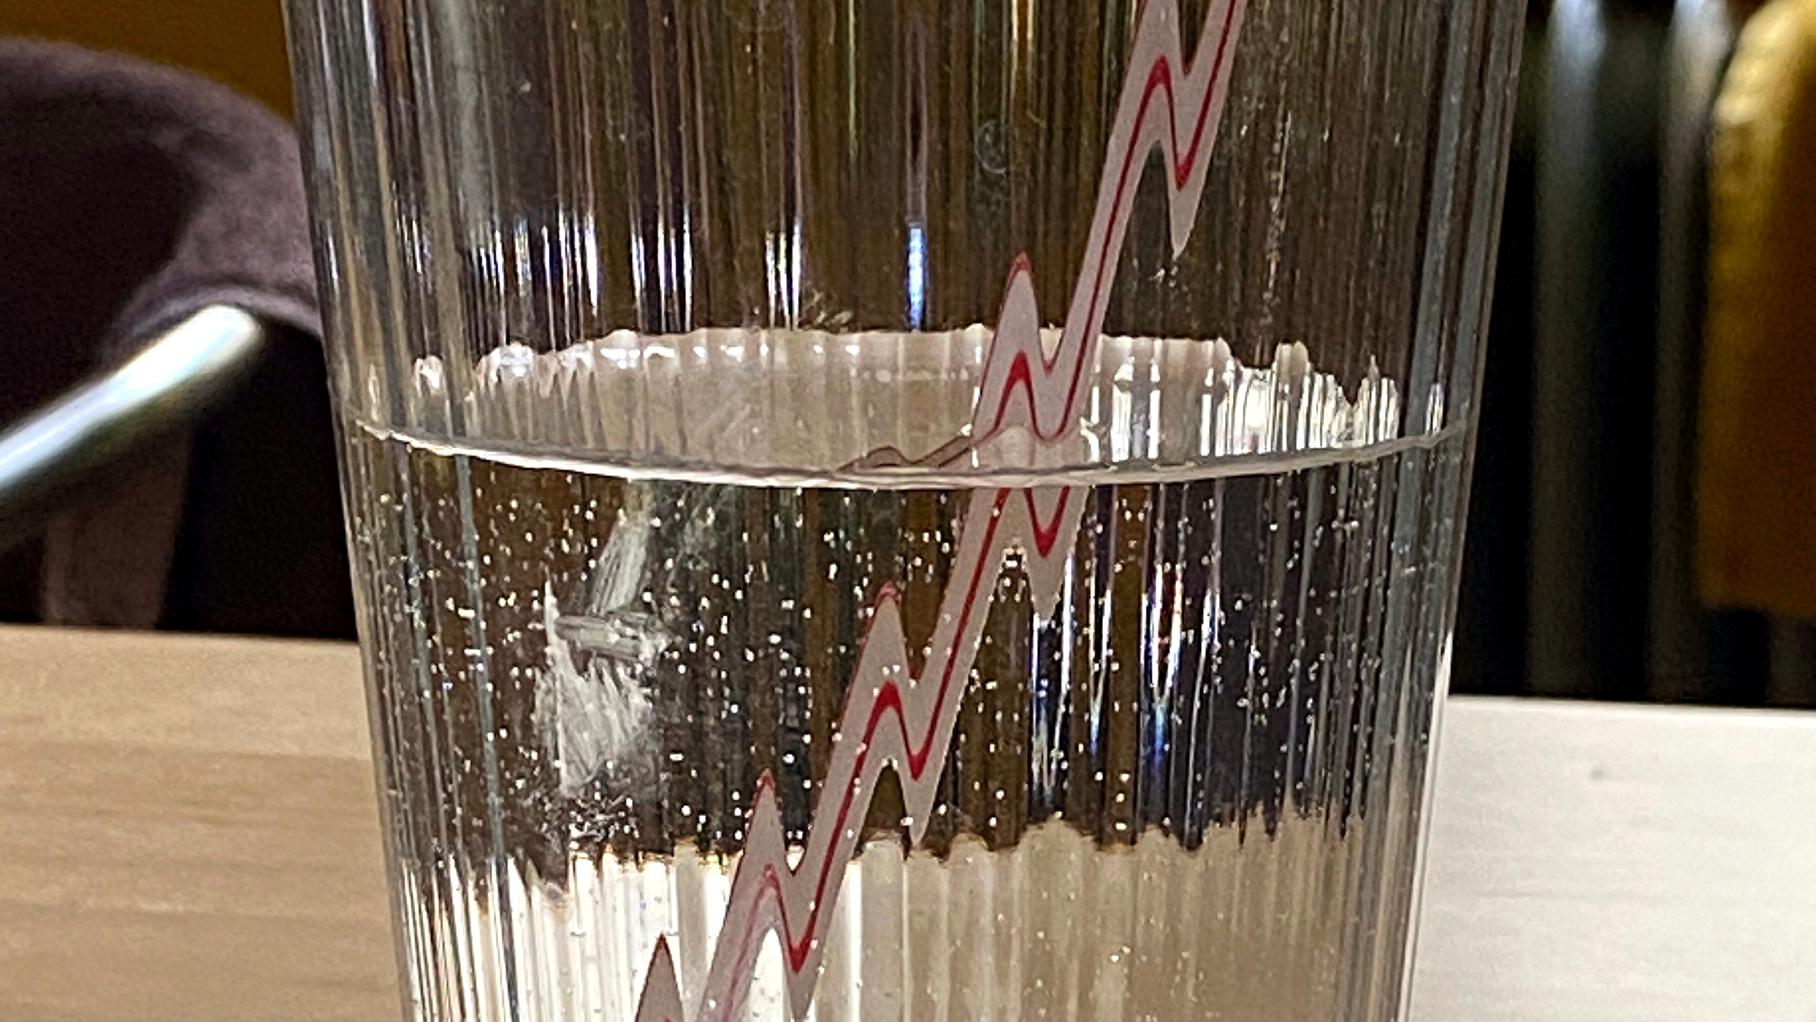 Lichtbrechung lässt einen Strohhalm in einem Glas eckig aussehen